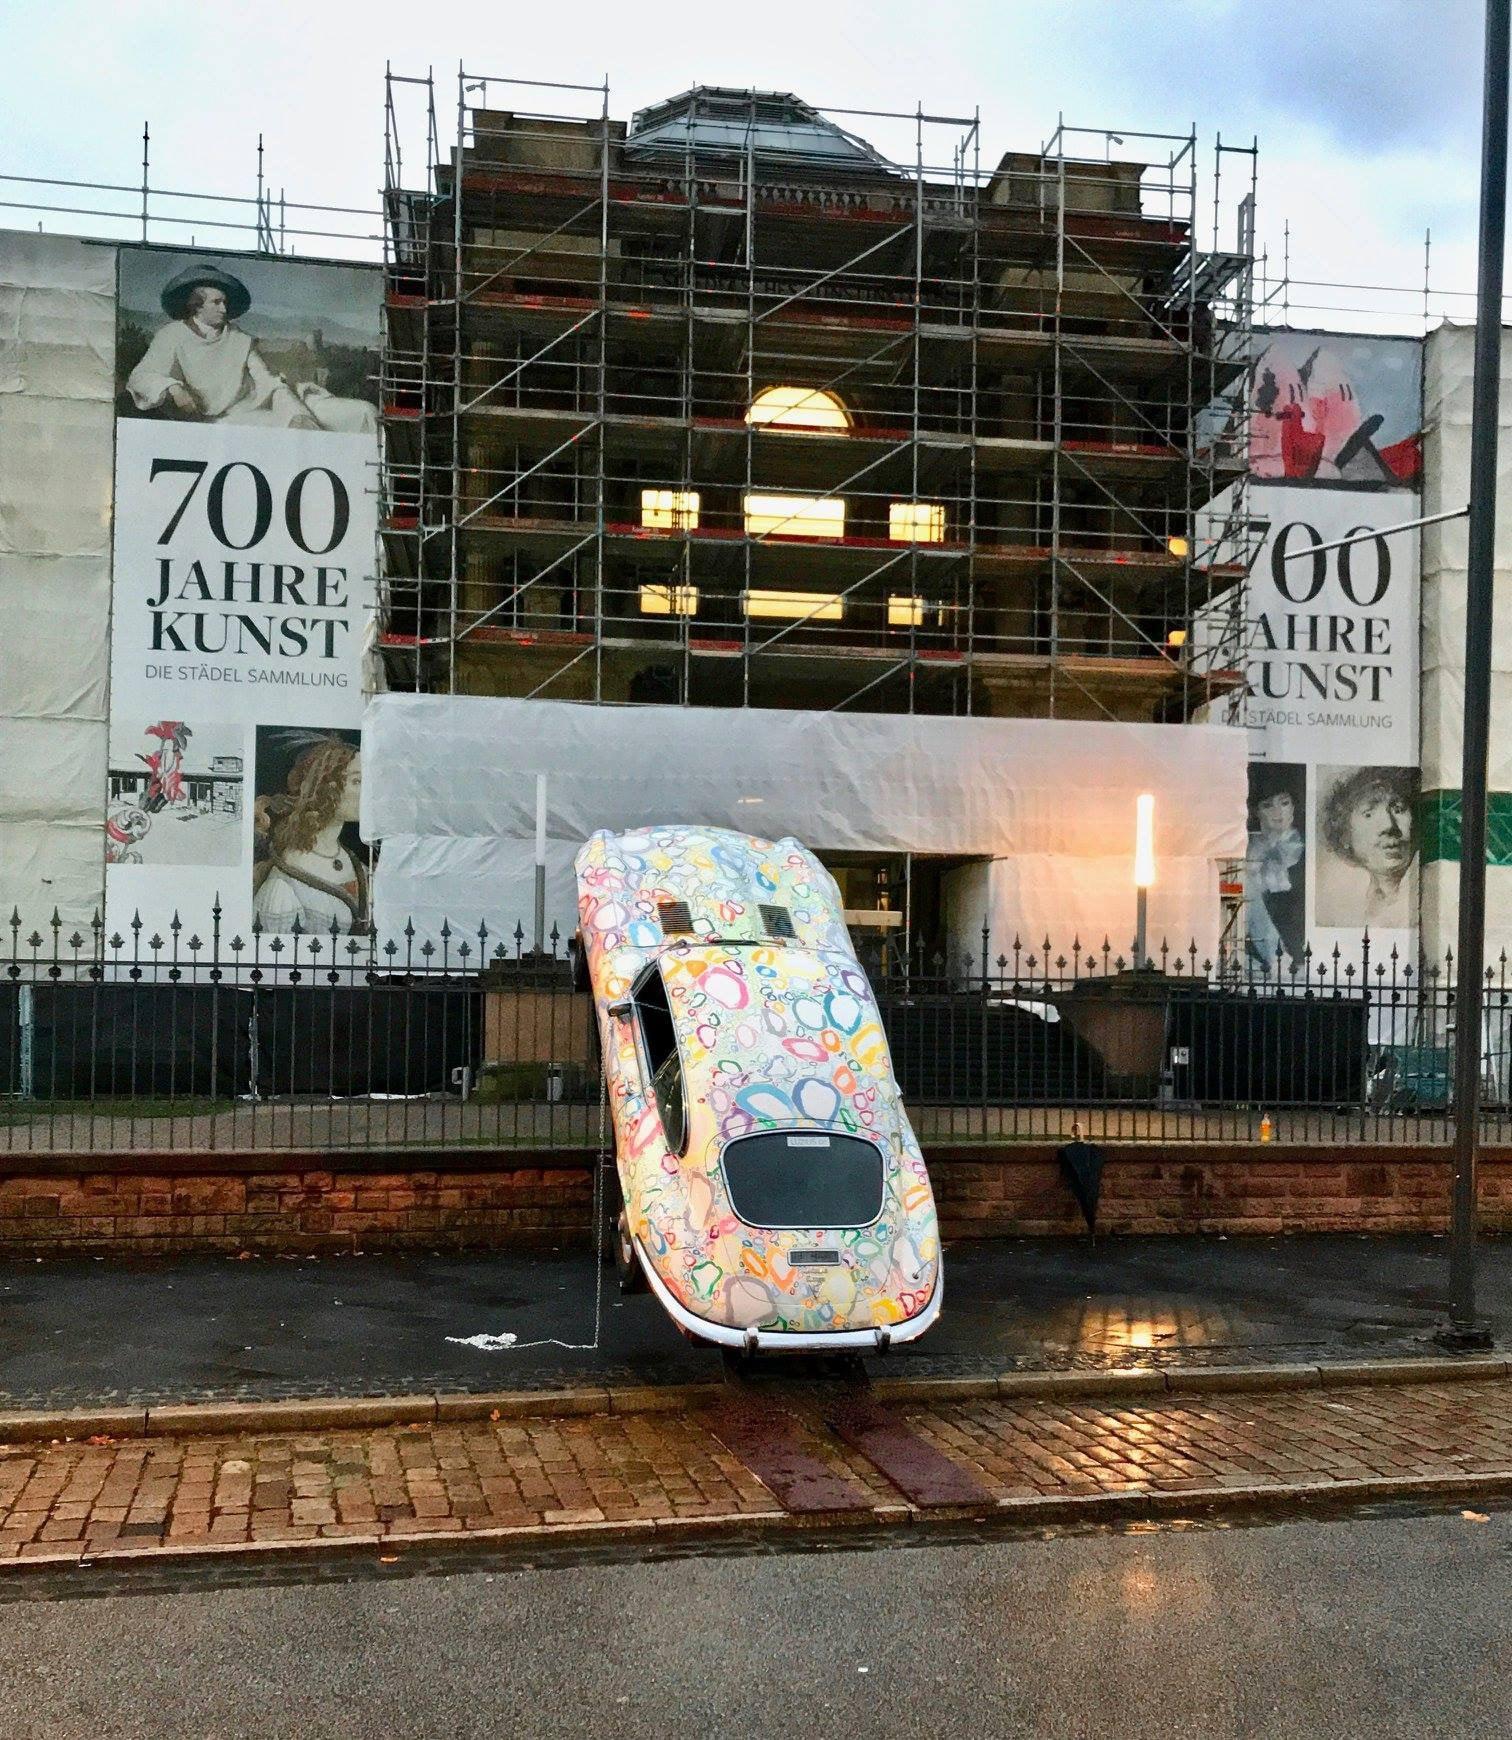 Jaguar-E-Type-Frankfurt-Städel-Museum-Art-Frankfurter-Allgemeine-Zeitung